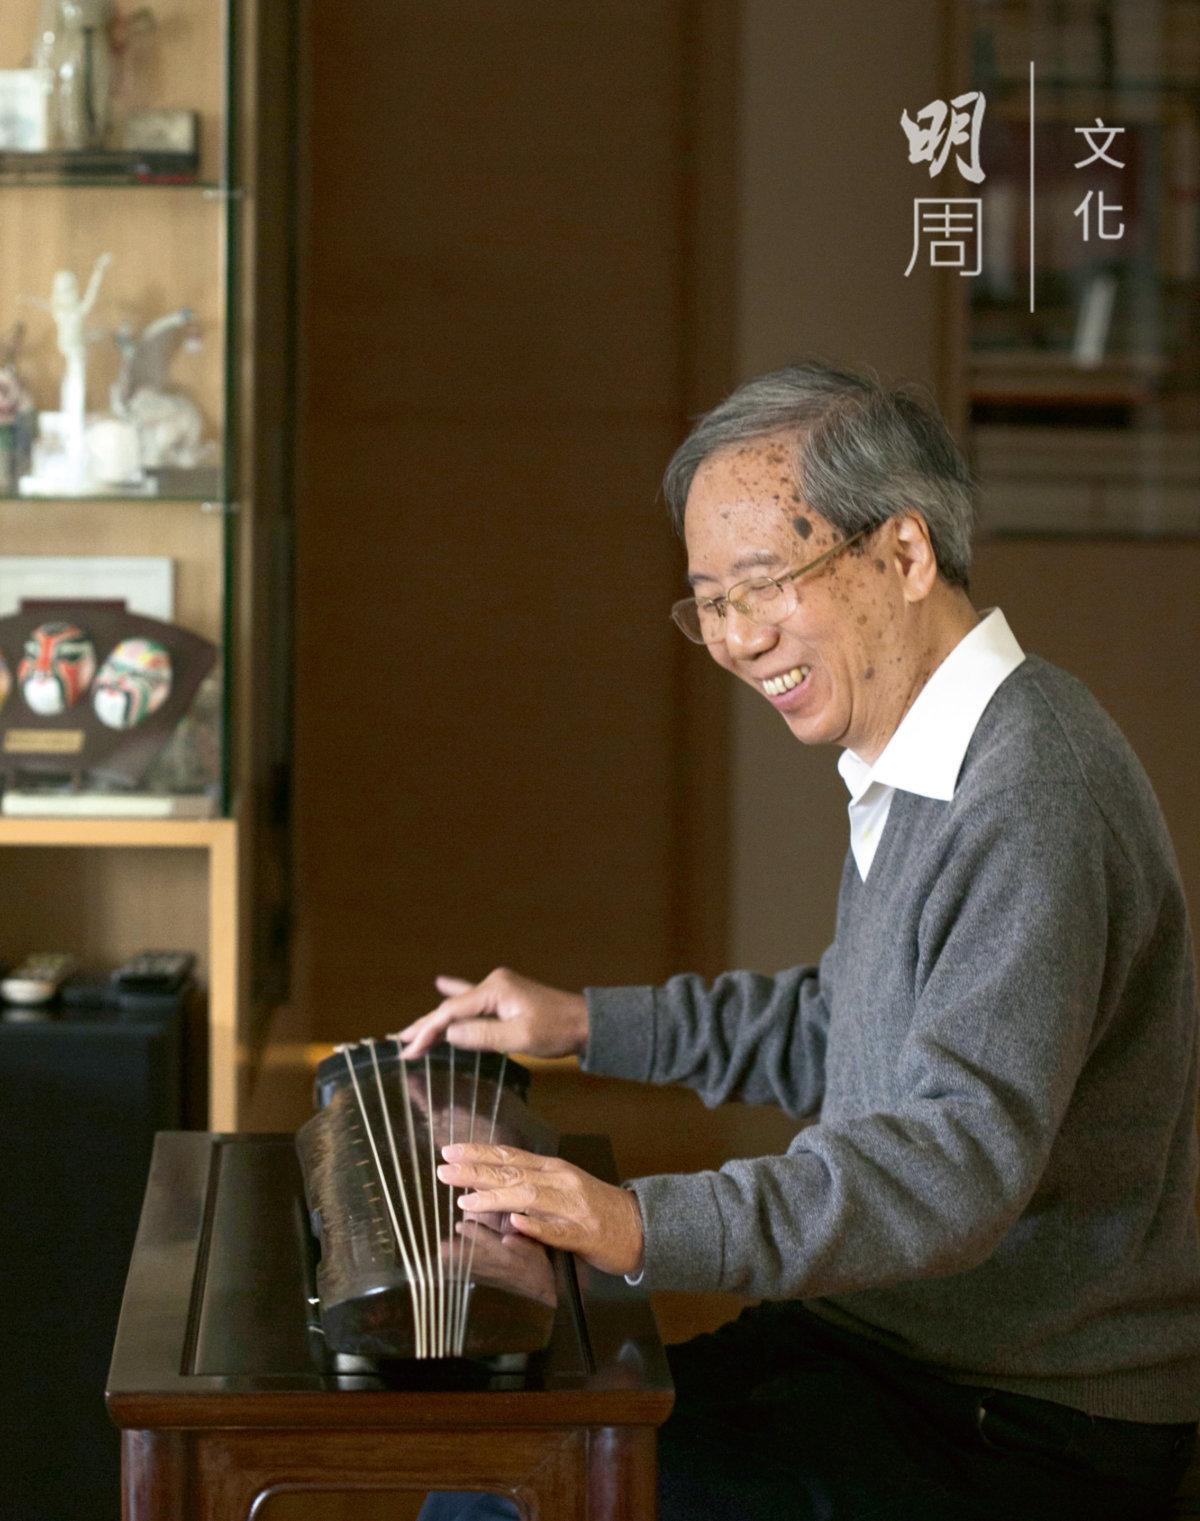 謝俊仁,香港中文大學民族音樂學博士。三十多年前先後隨關聖佑、劉楚華及蔡德允學習古琴。 曾多次在香港、內地和海外演奏。 積極參與古琴創作、打譜、教學 和研究工作。謝氏為退休醫生,曾任教於中文音樂系與演藝學院。 現為德愔琴社副社長、以及中大音樂系古琴導師。曾參與《中國古琴名家名曲》、《琴韻繽紛》、 《古琴薈珍》、《清音重聞》等唱片之錄音出版,並出版個人唱片《一閃燈花墮》和《秋月清霜》。